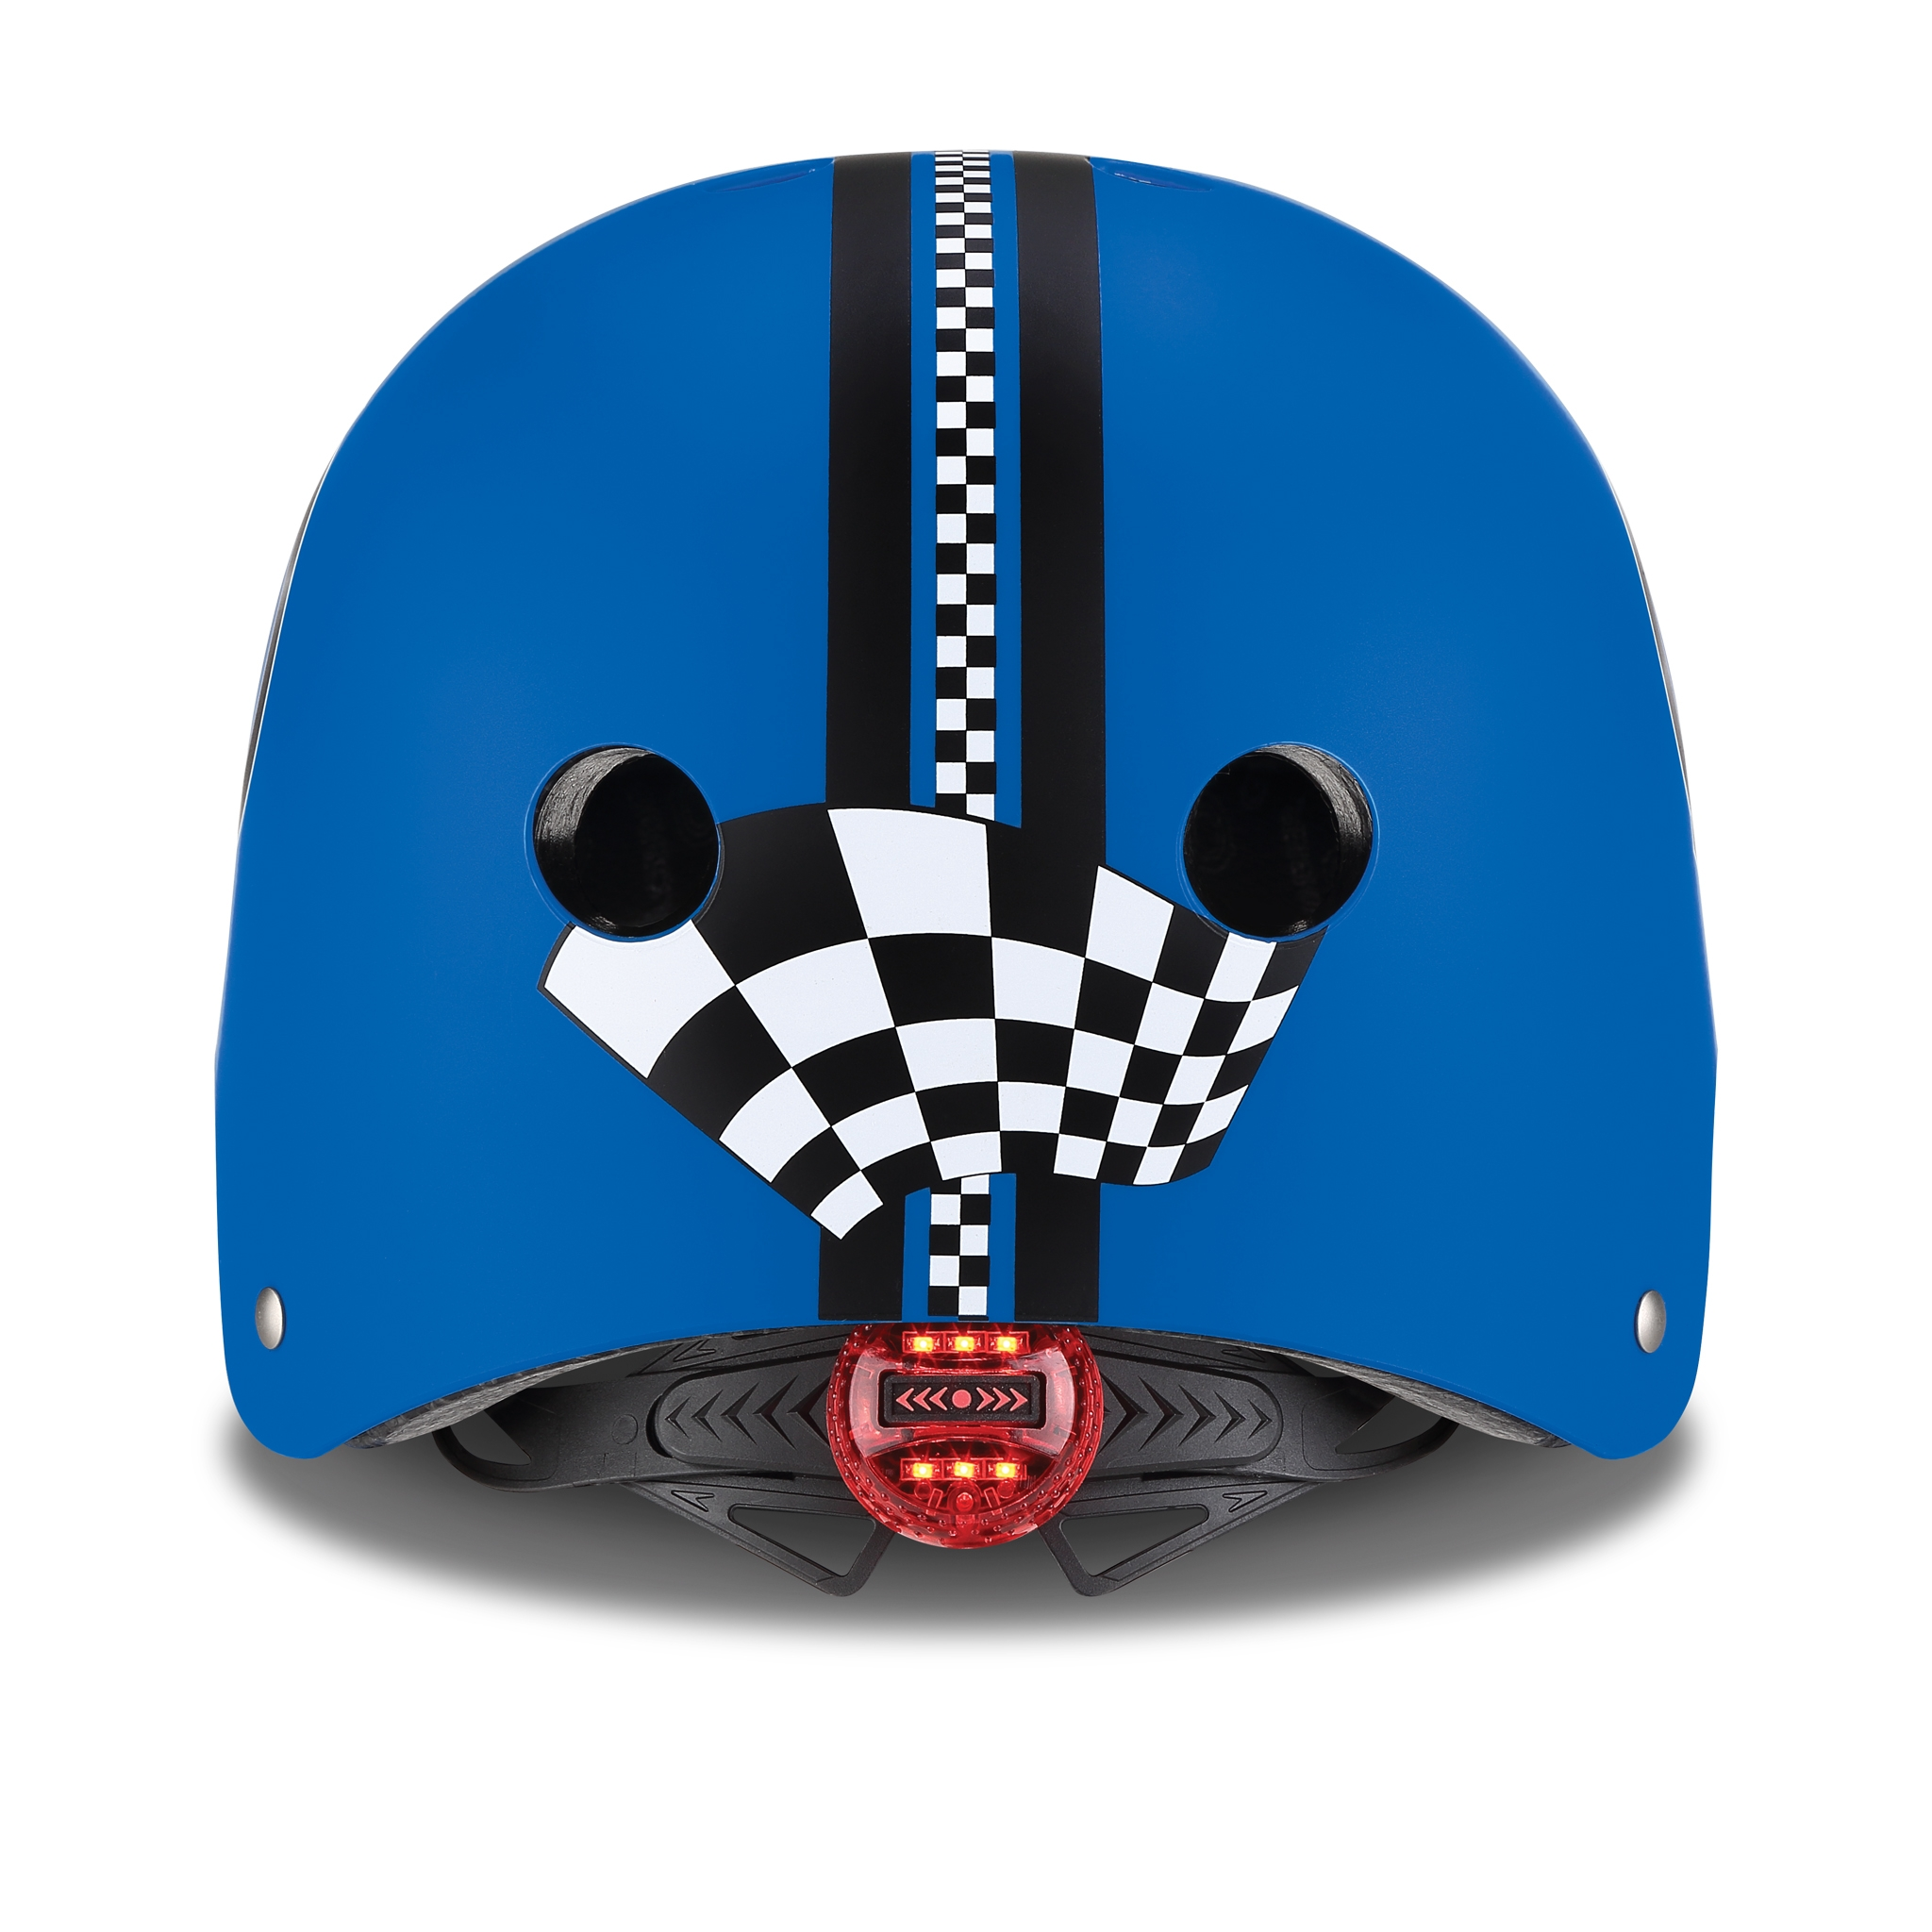 ELITE-helmets-scooter-helmets-for-kids-with-LED-lights-safe-helmet-for-kids-navy-blue 2